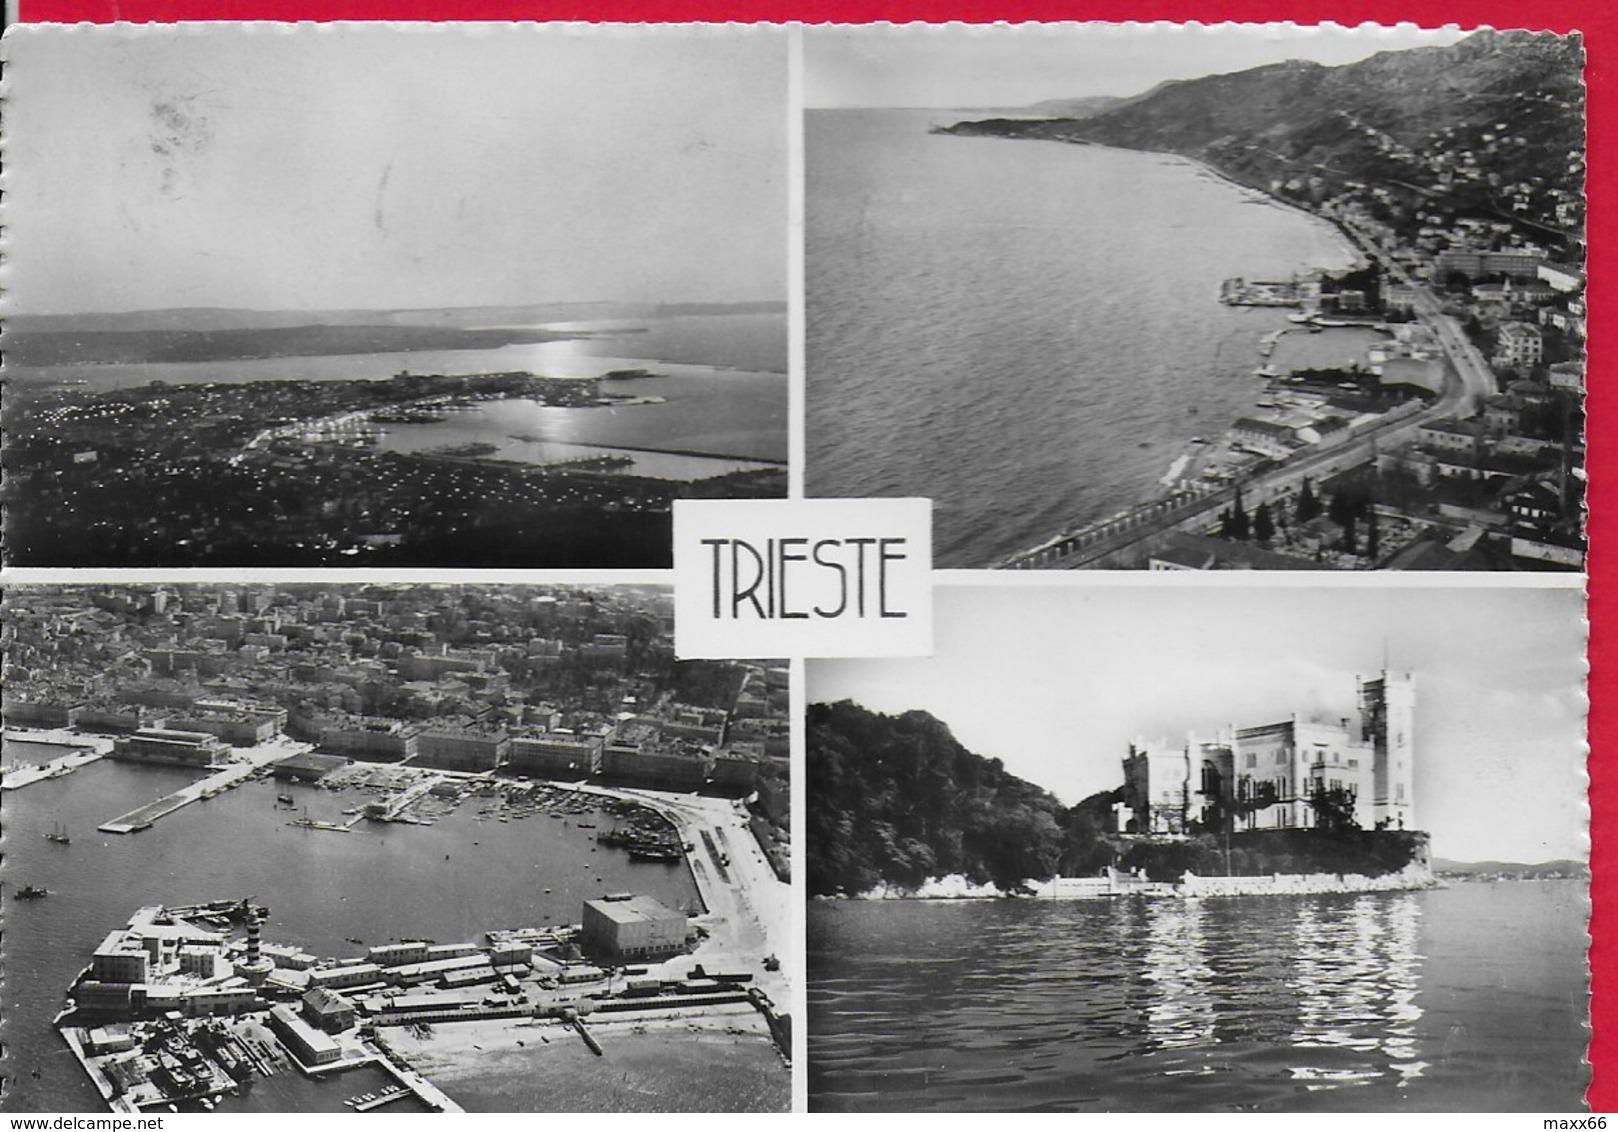 CARTOLINA VG ITALIA - TRIESTE - Vedutine Multivue - 10 X 15 - ANN. 1955 - Trieste